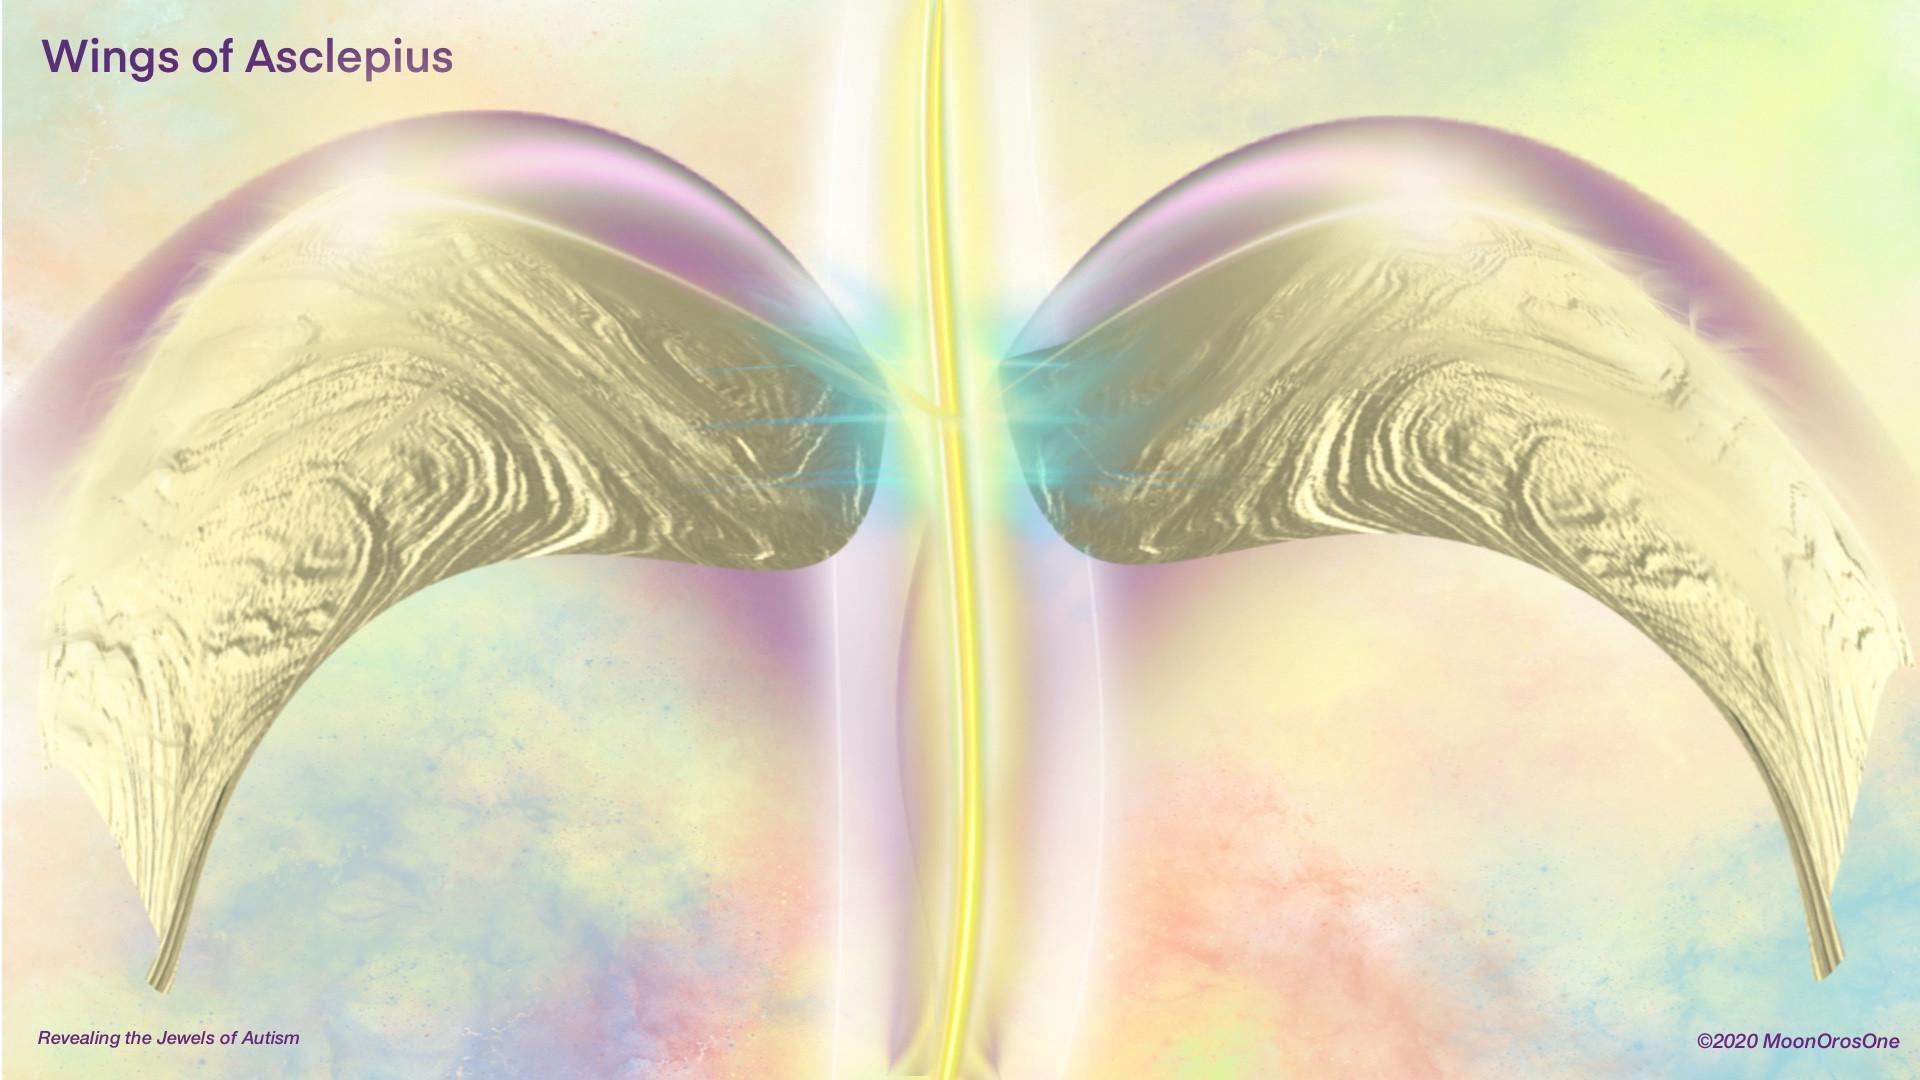 Wings_Of_Asclepius_HD.jpg